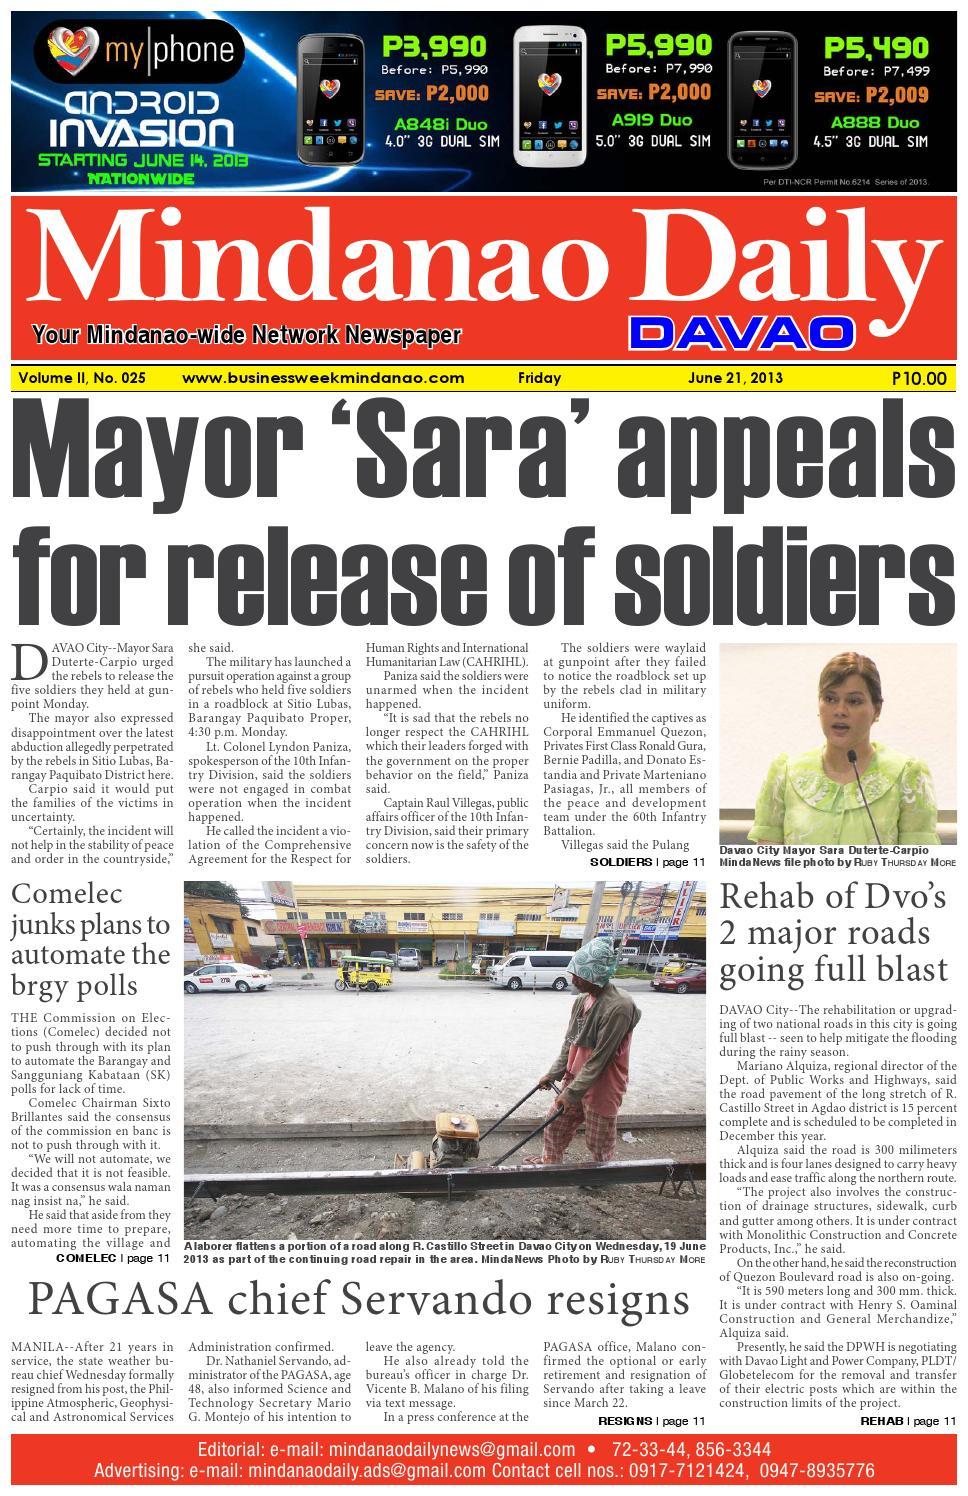 Mindanao Daily Davao (June 21, 2013) by Mindanao Daily News